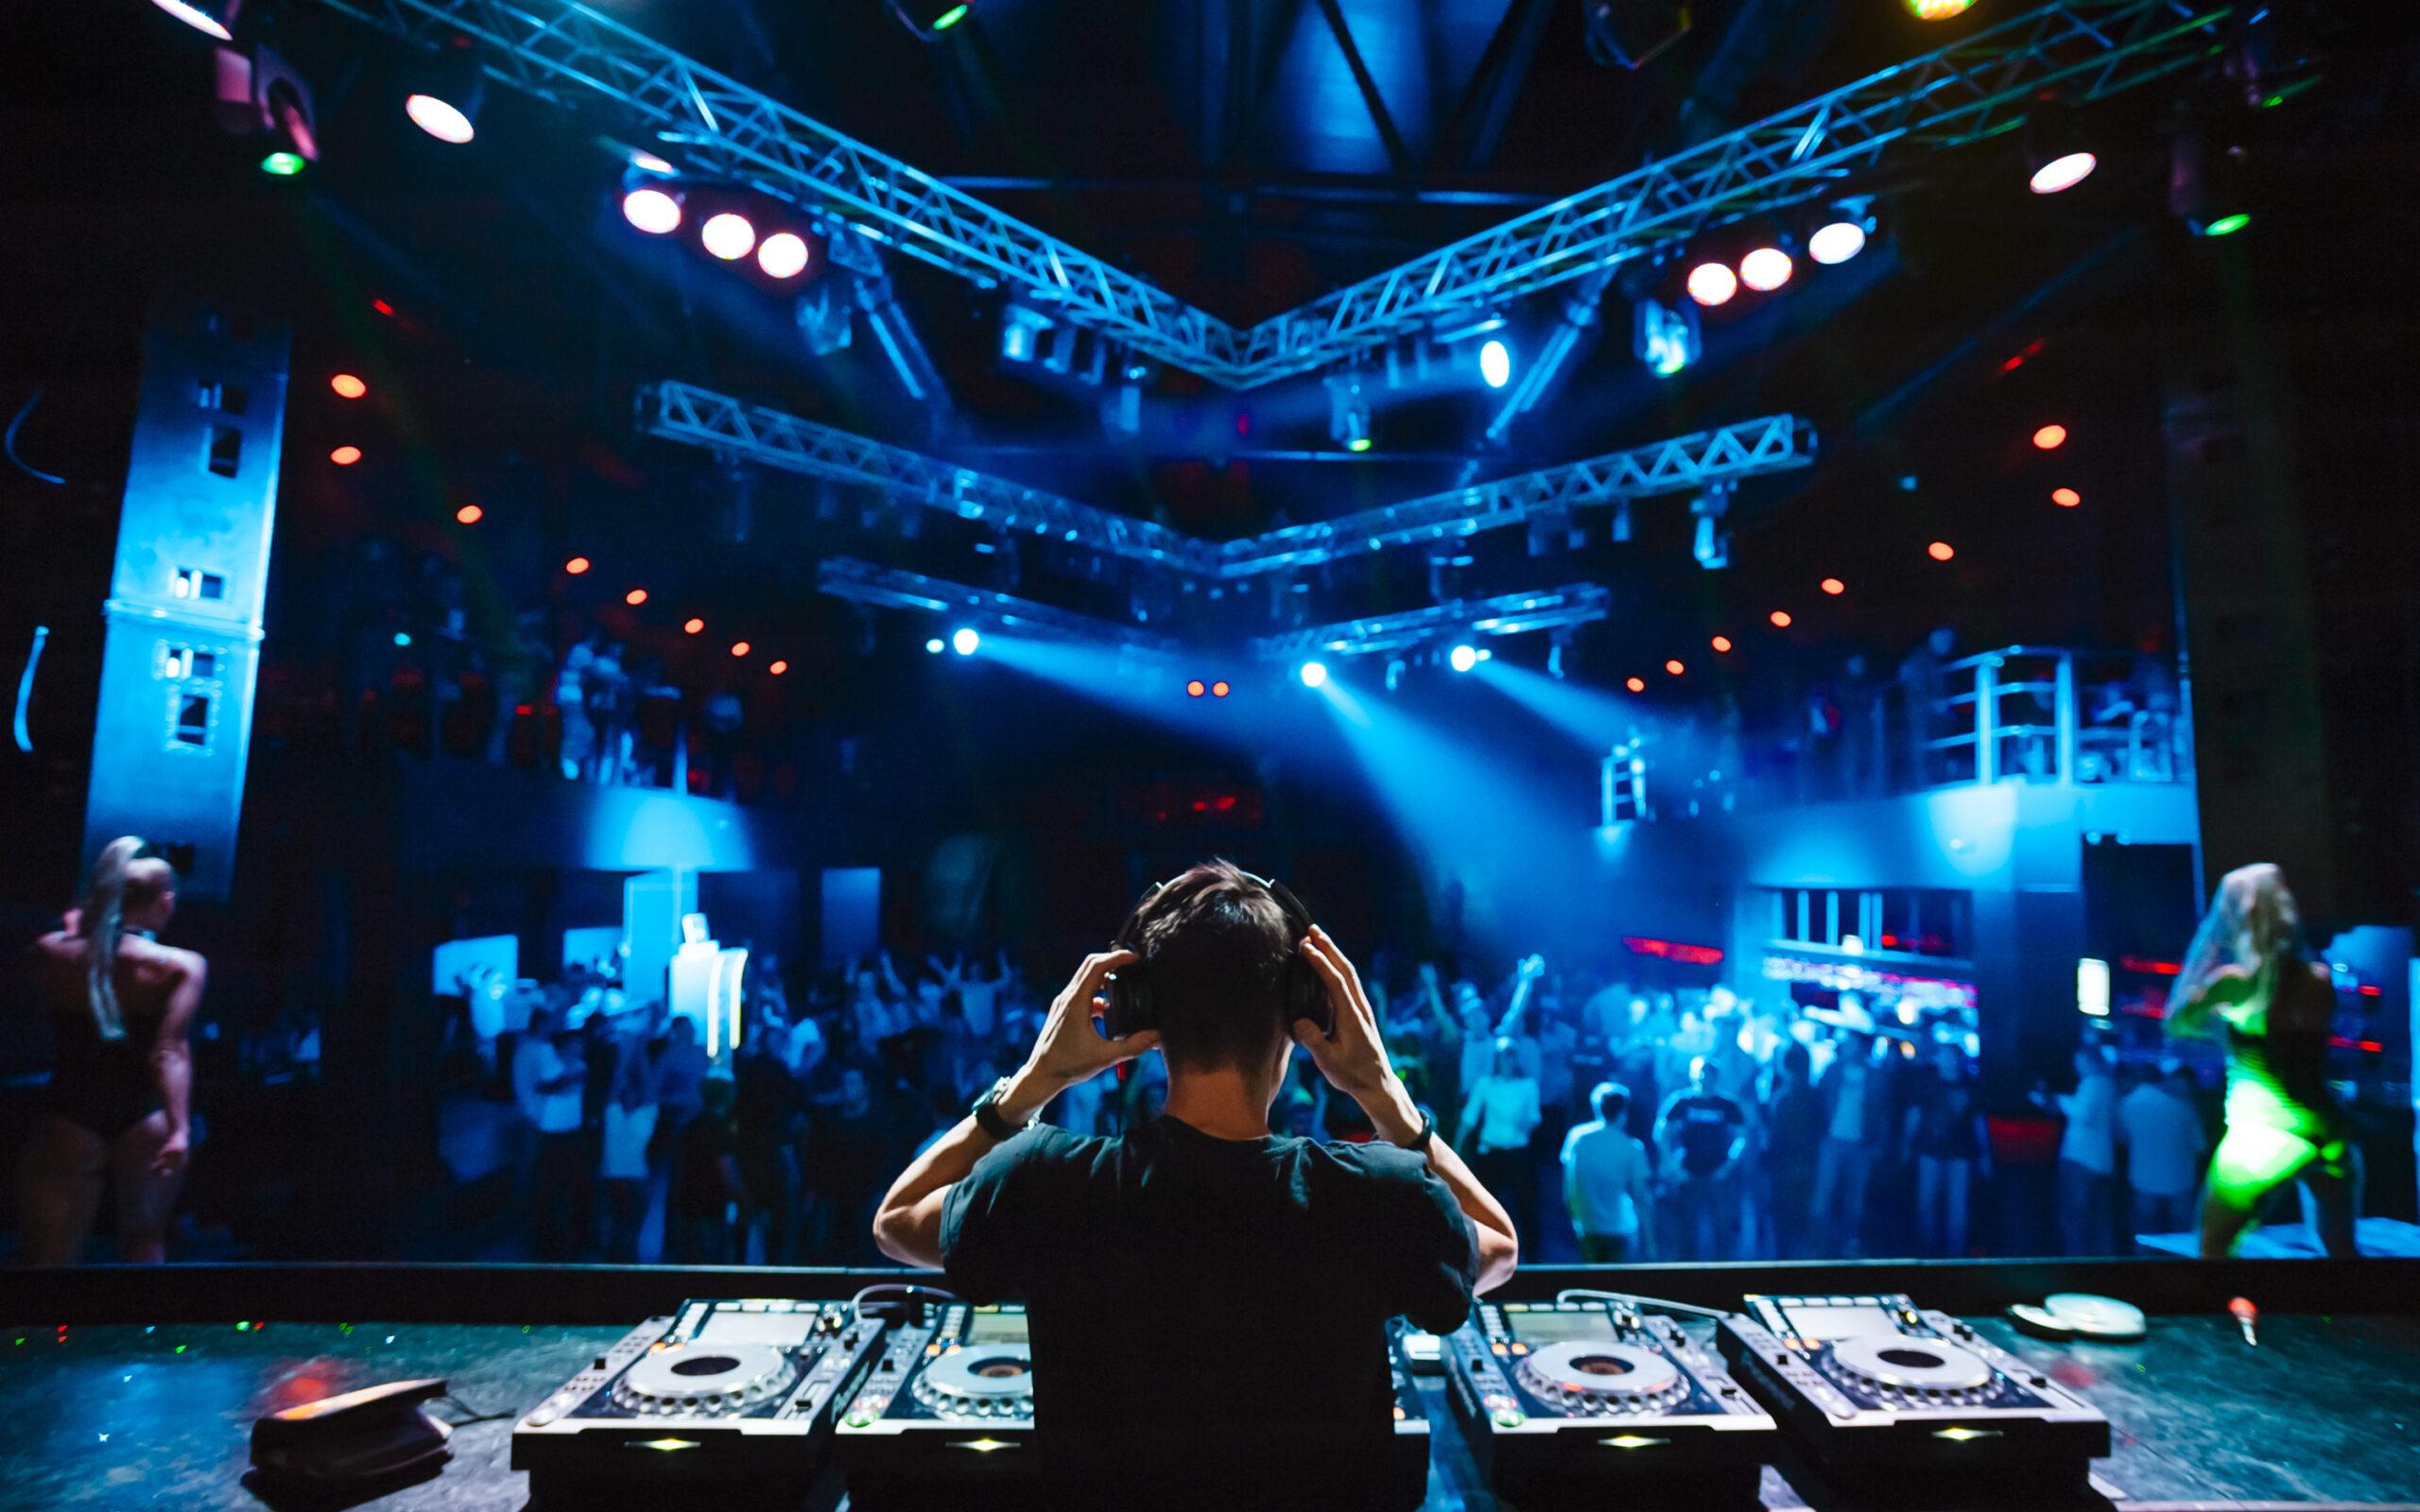 DJ in nightclub